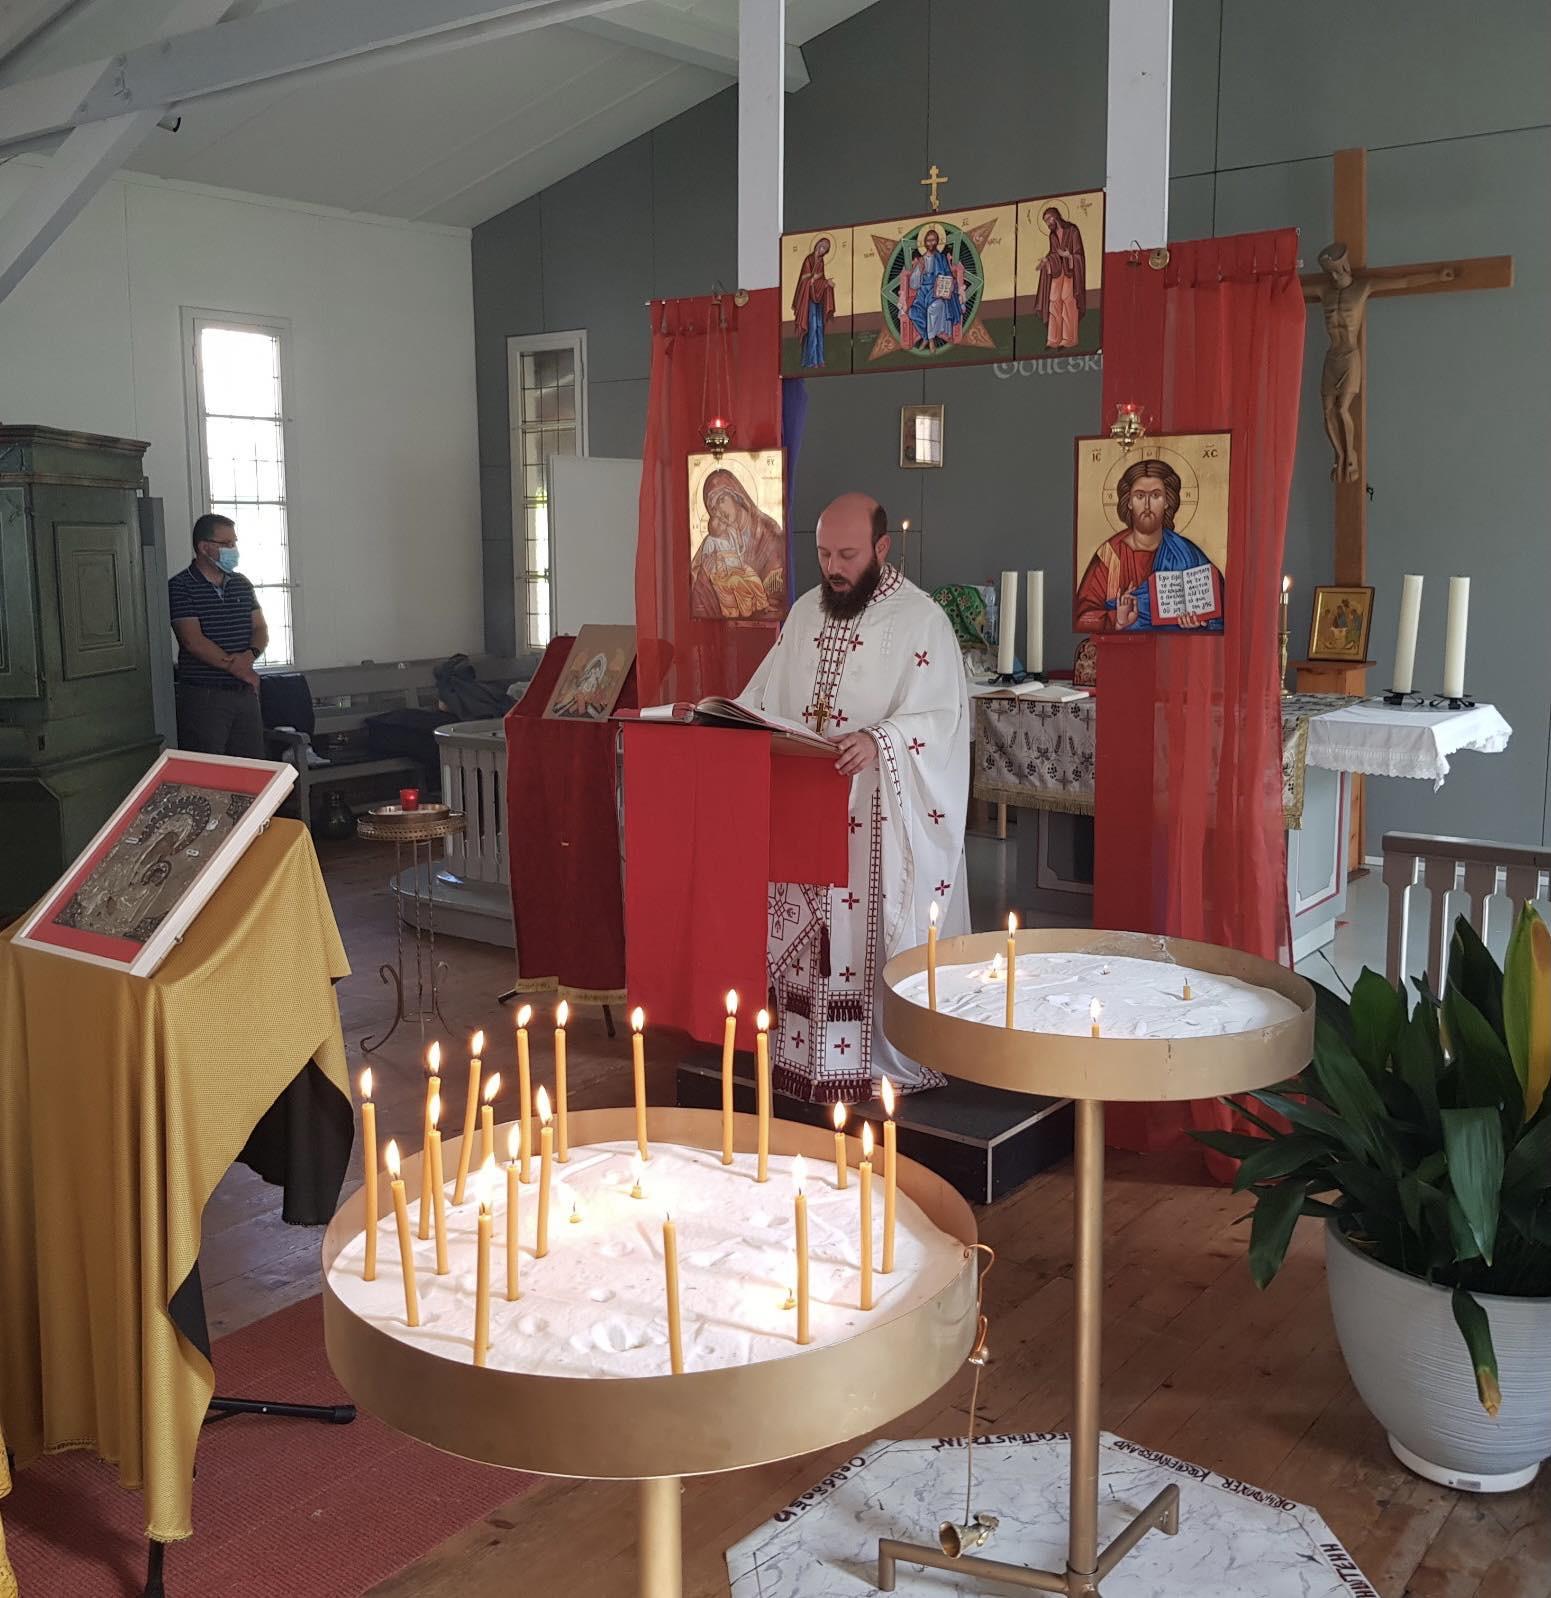 Ορθόδοξη παρουσία στο Πριγκιπάτο του Λιχτενστάιν